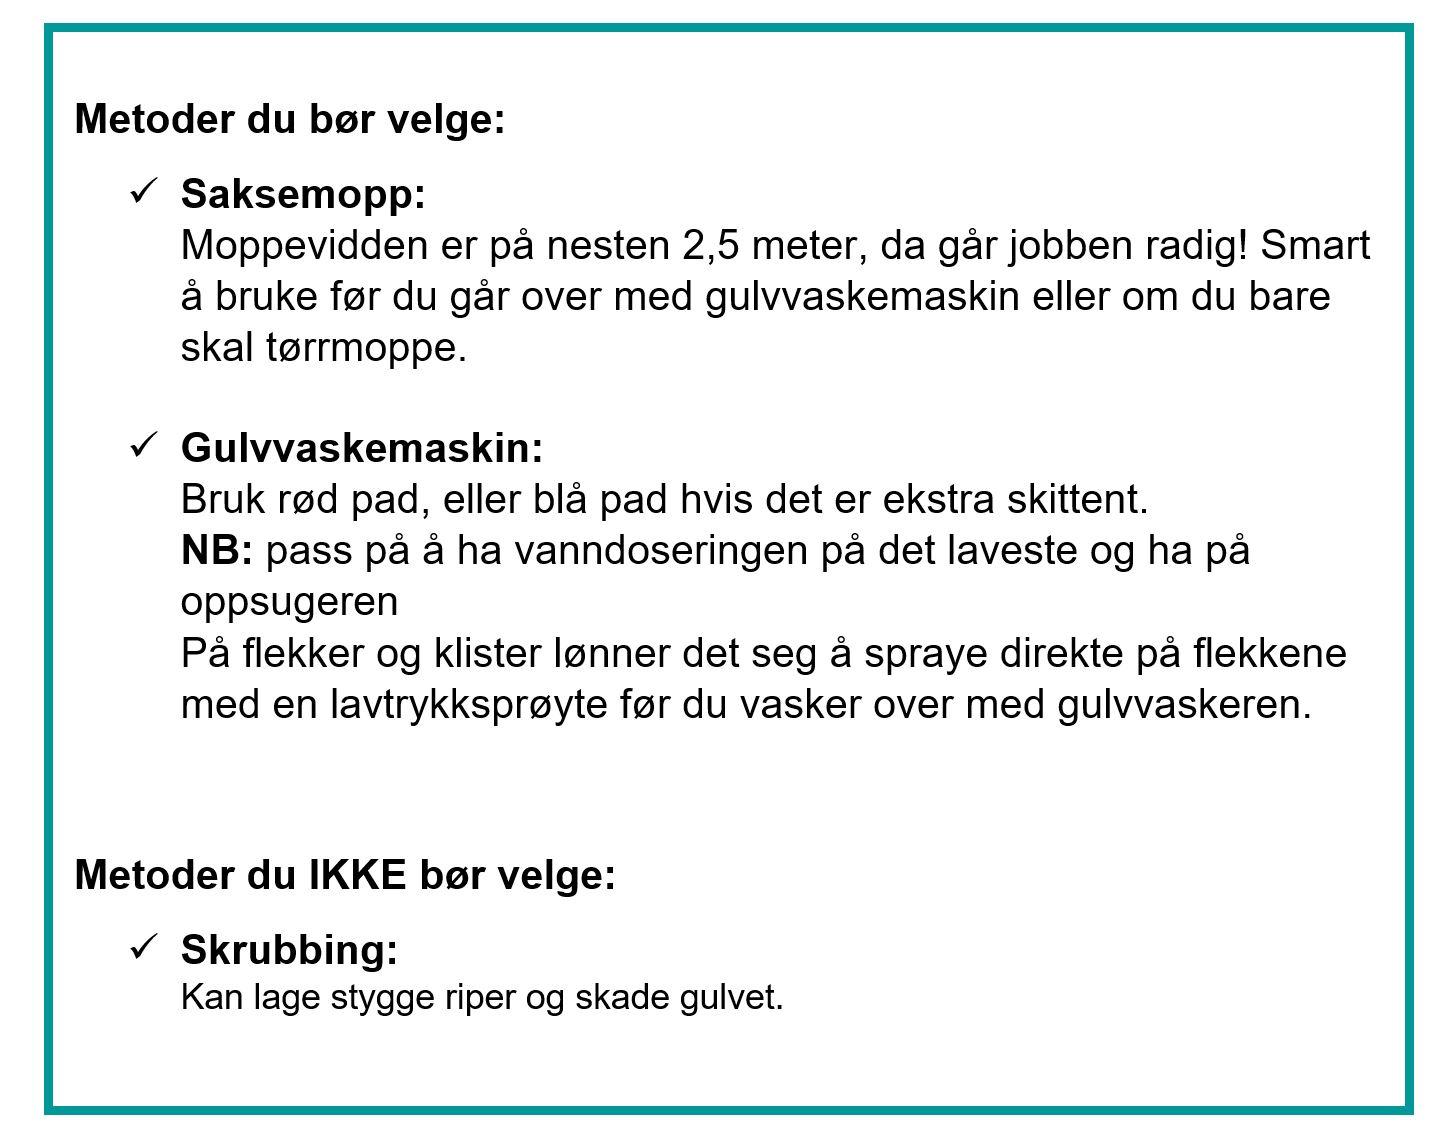 Metoder Sportsgulv.JPG